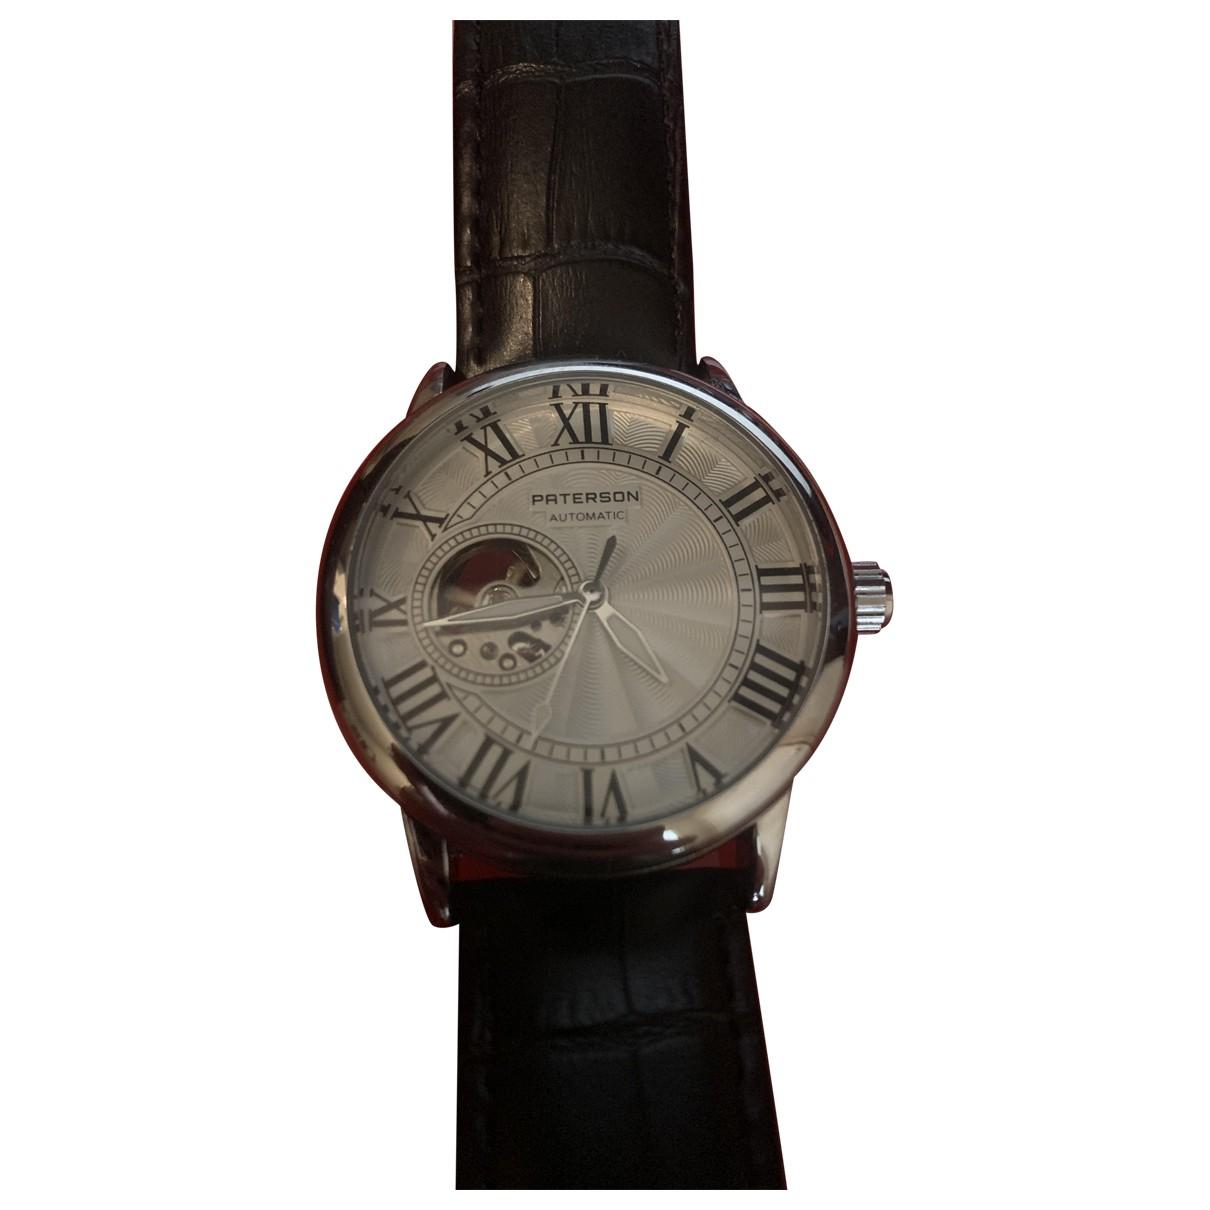 Paterson \N Black Steel watch for Men \N